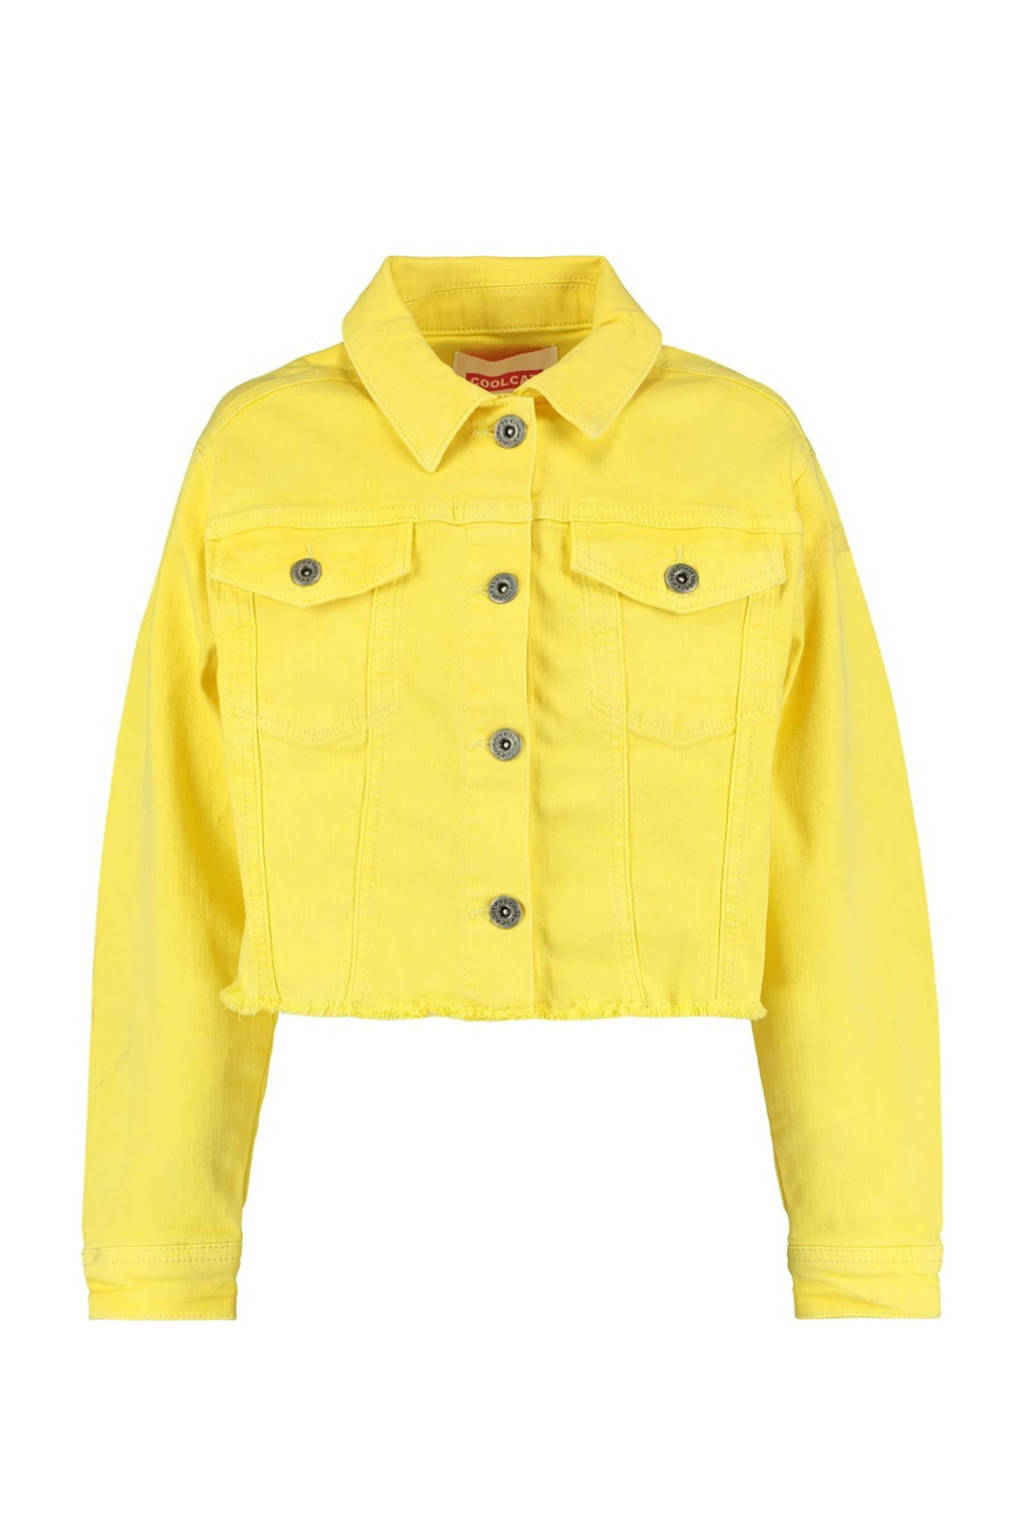 CoolCat Junior spijkerjas Hester geel, Geel